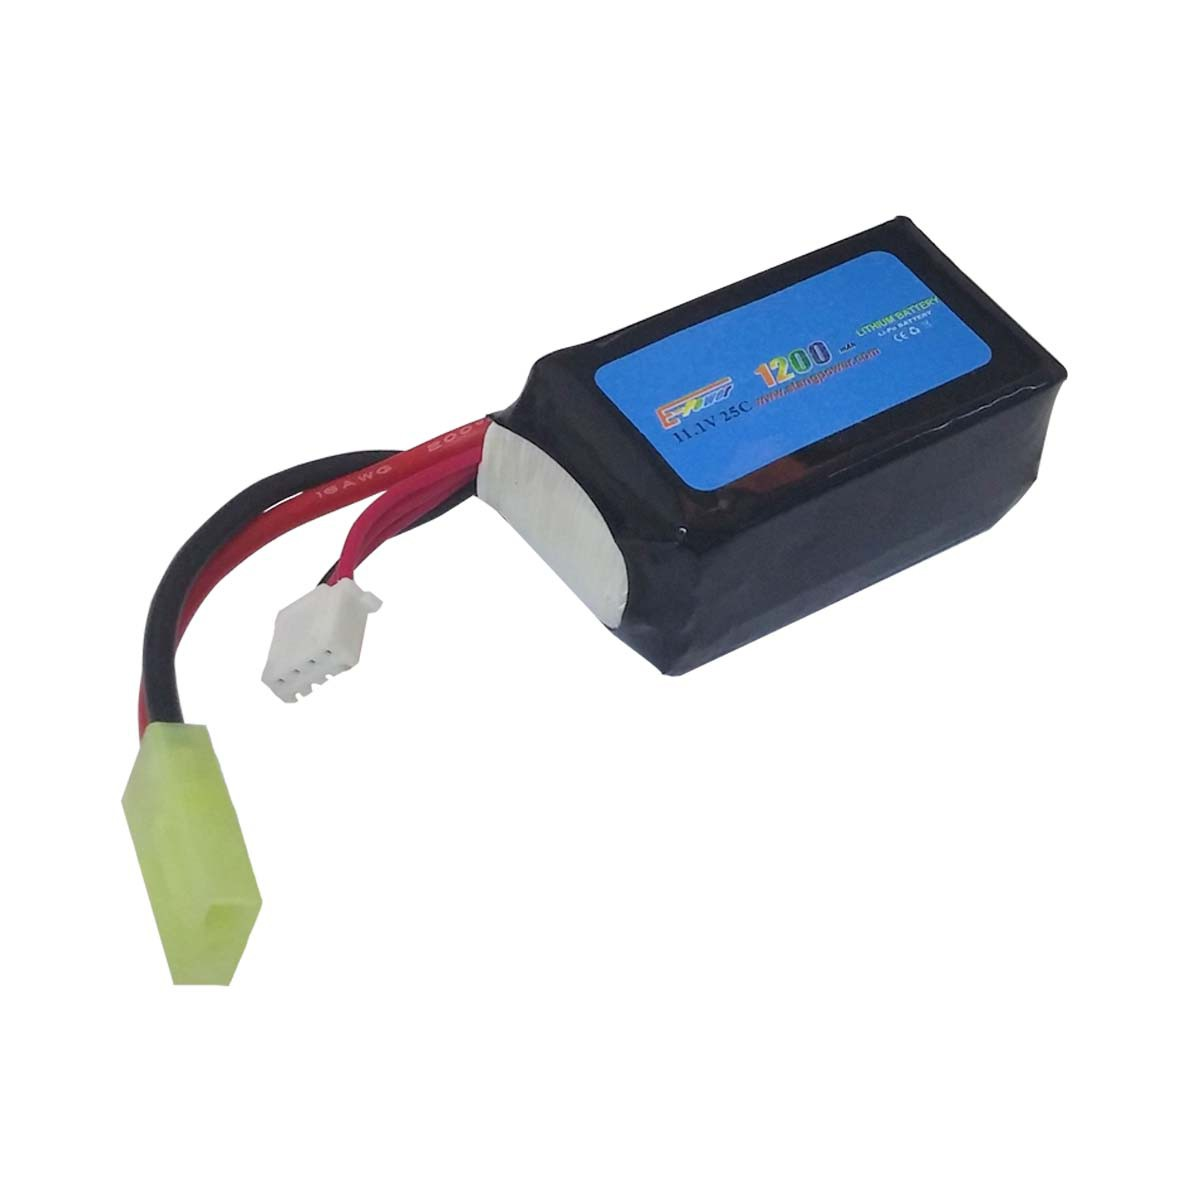 Batteria Lipo 11.1V 1200 mAh Ricaricabile 25C Softair